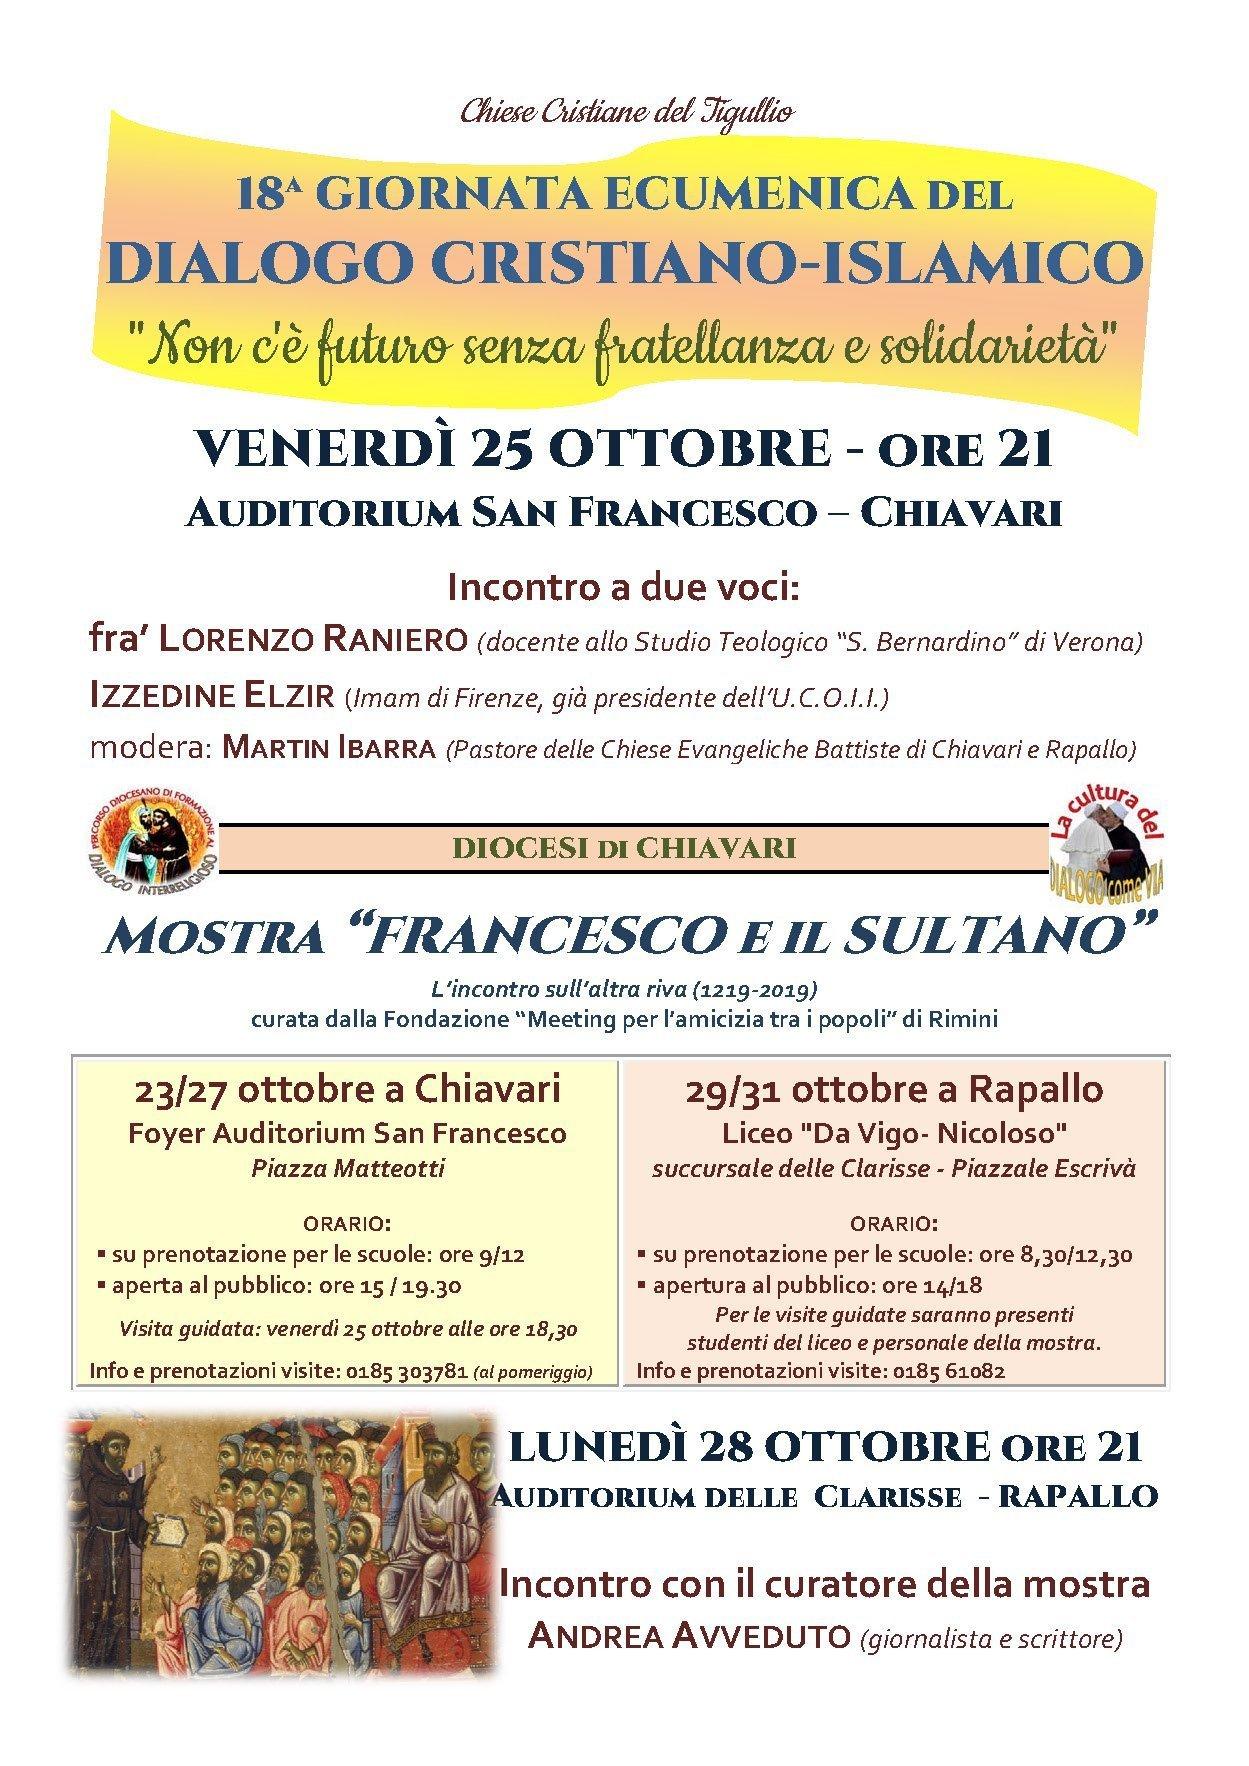 Gli appuntamenti della Diocesi di Chiavari in occasione della Giornata ecumenica del dialogo cristiano-islamico 2019